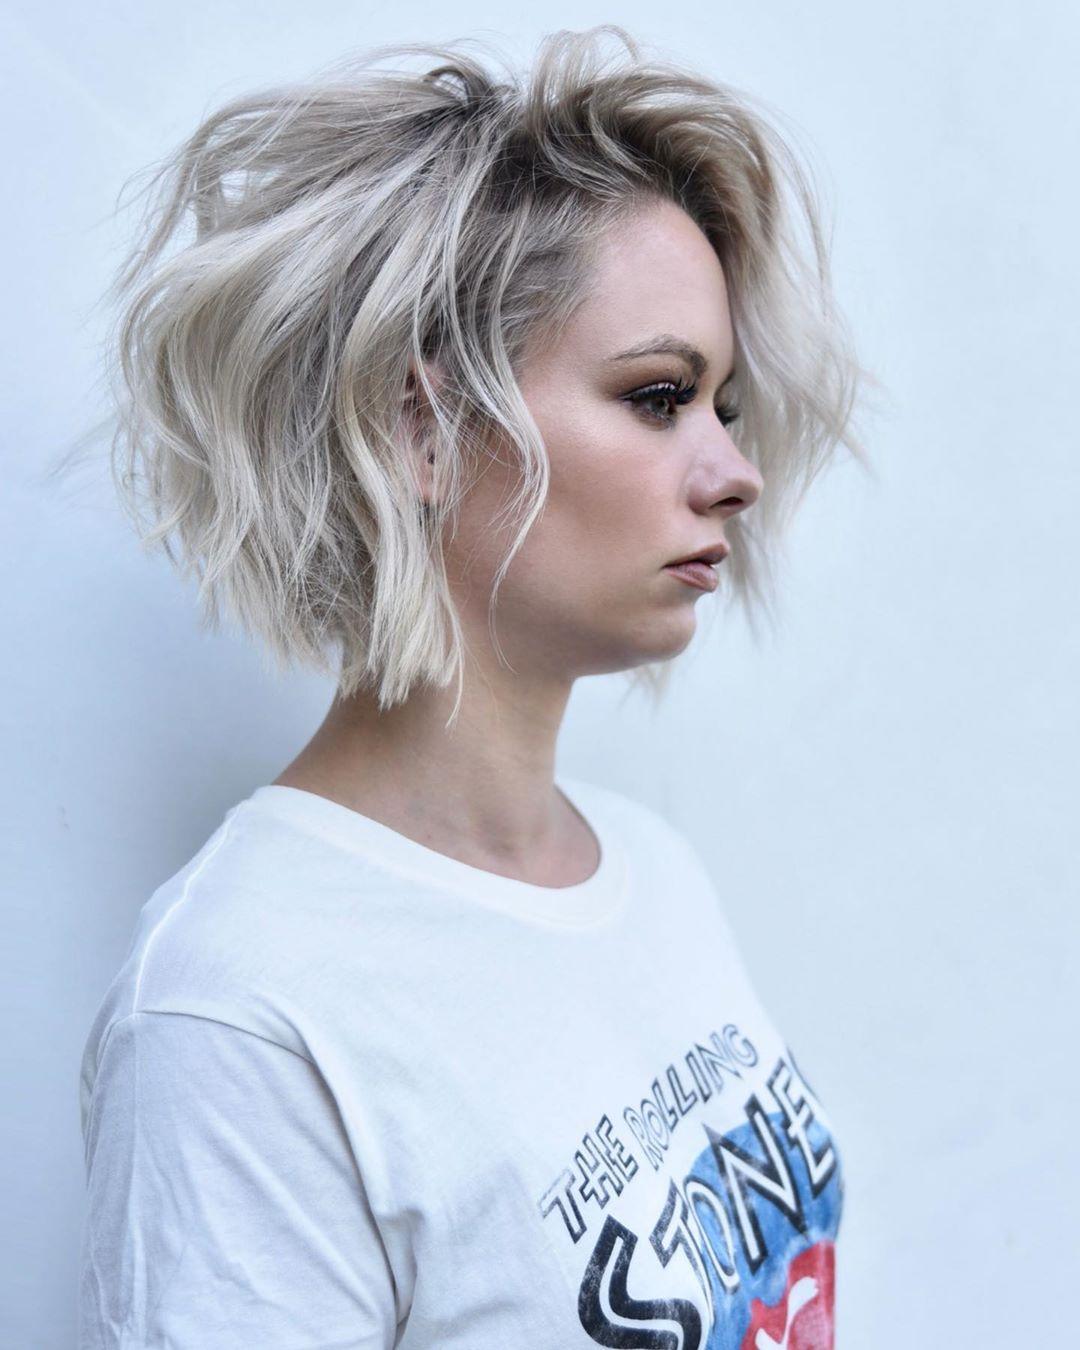 Cute Easy Bob Haircut Ideas for Short Hair - Women Short Bob Hairstyles